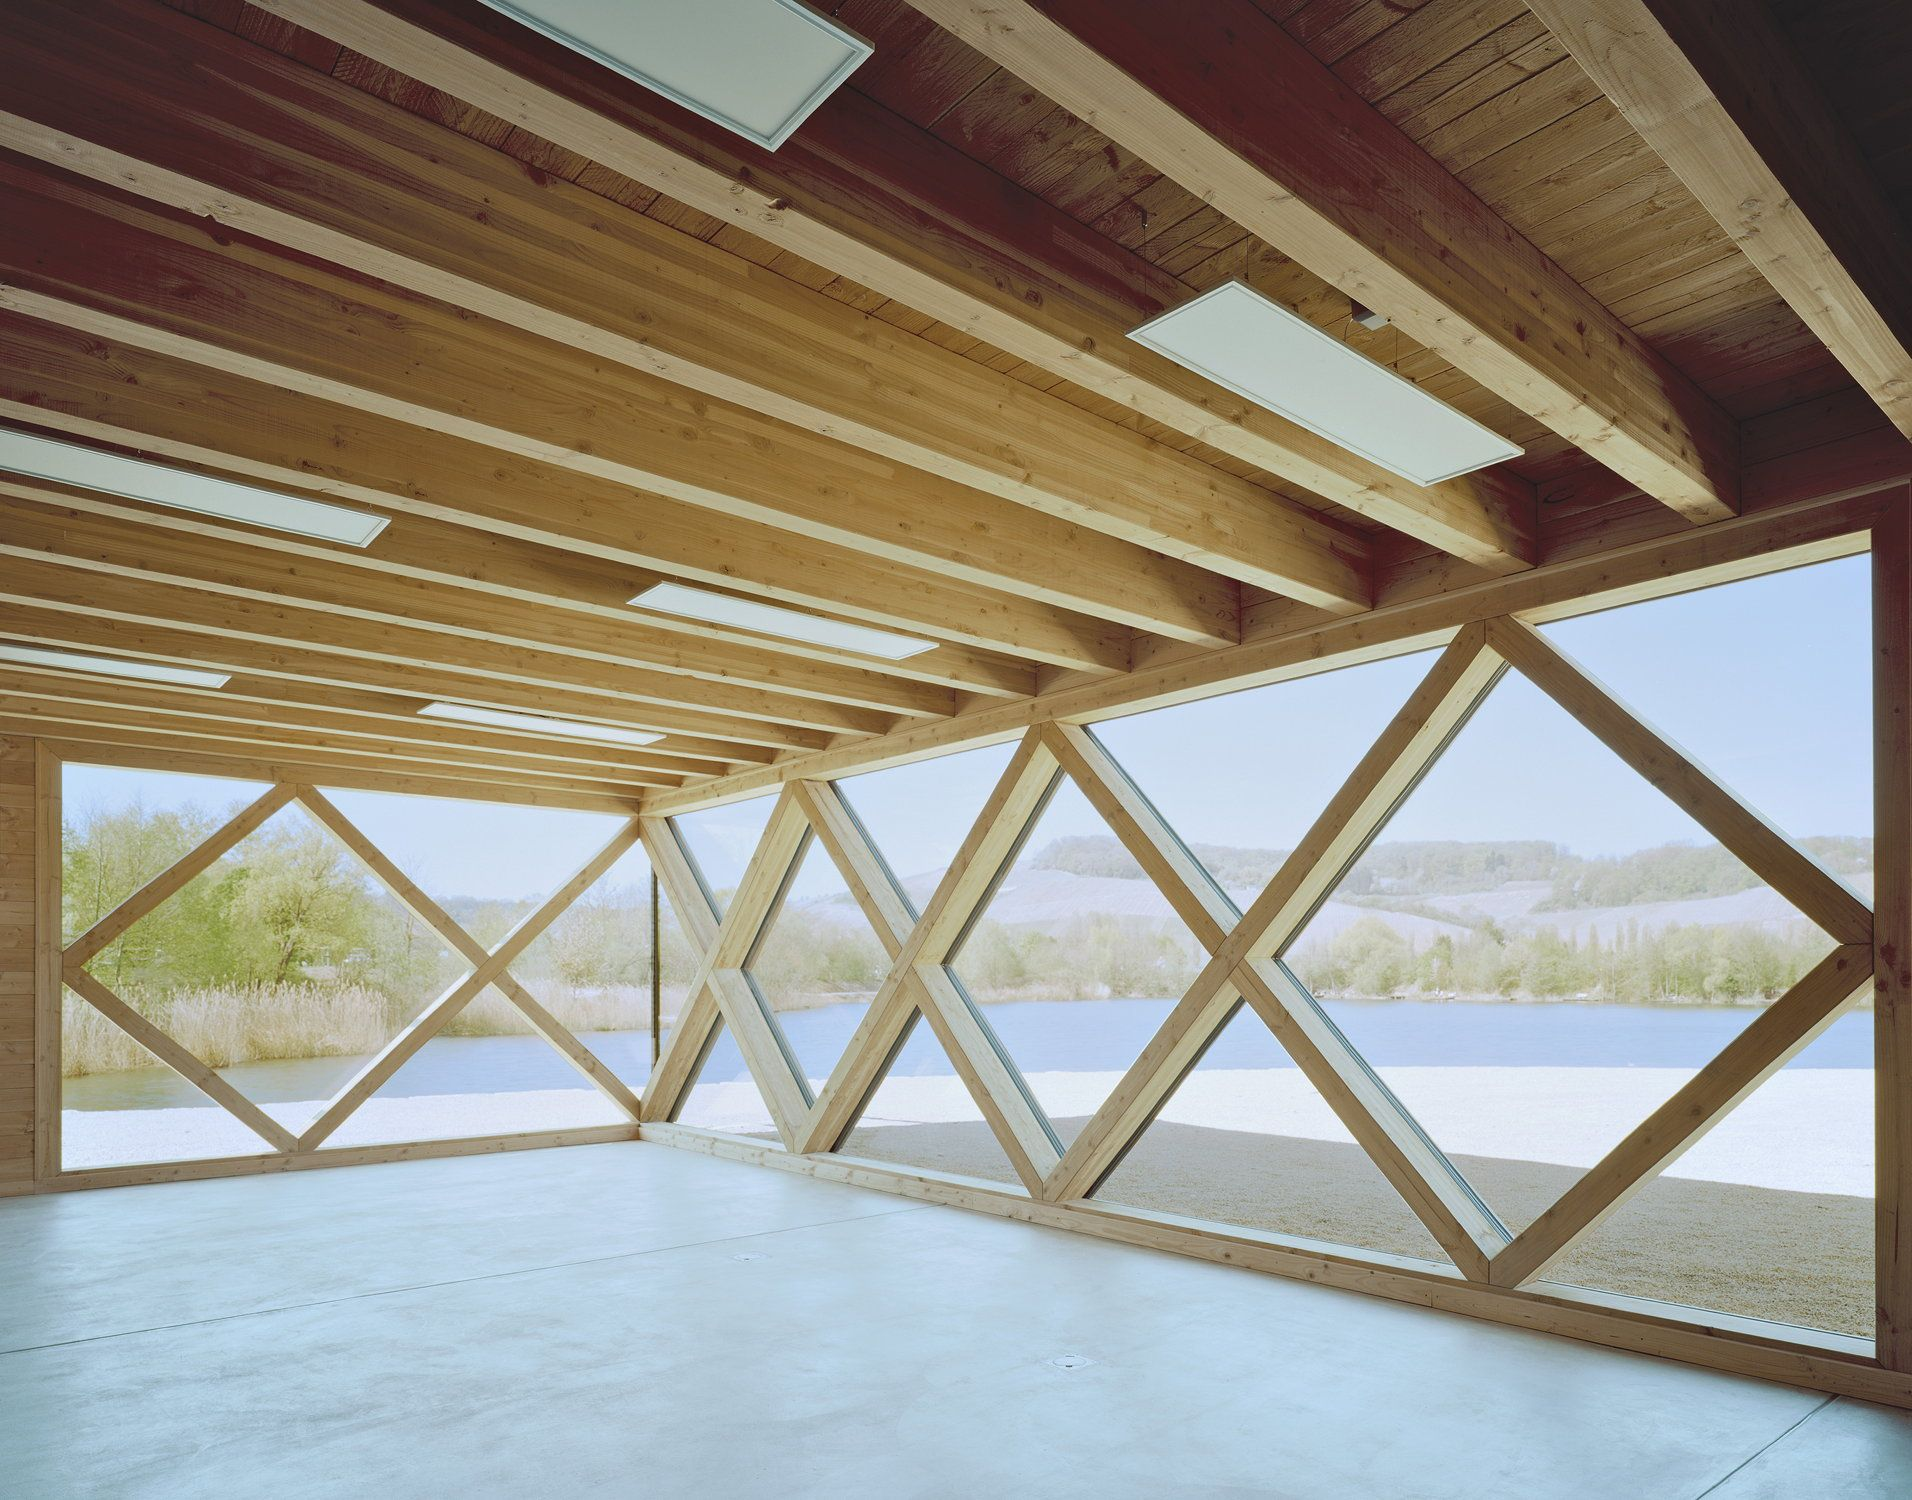 Architekt Luxemburg langhaus neues biodiversum in luxemburg facades and arch